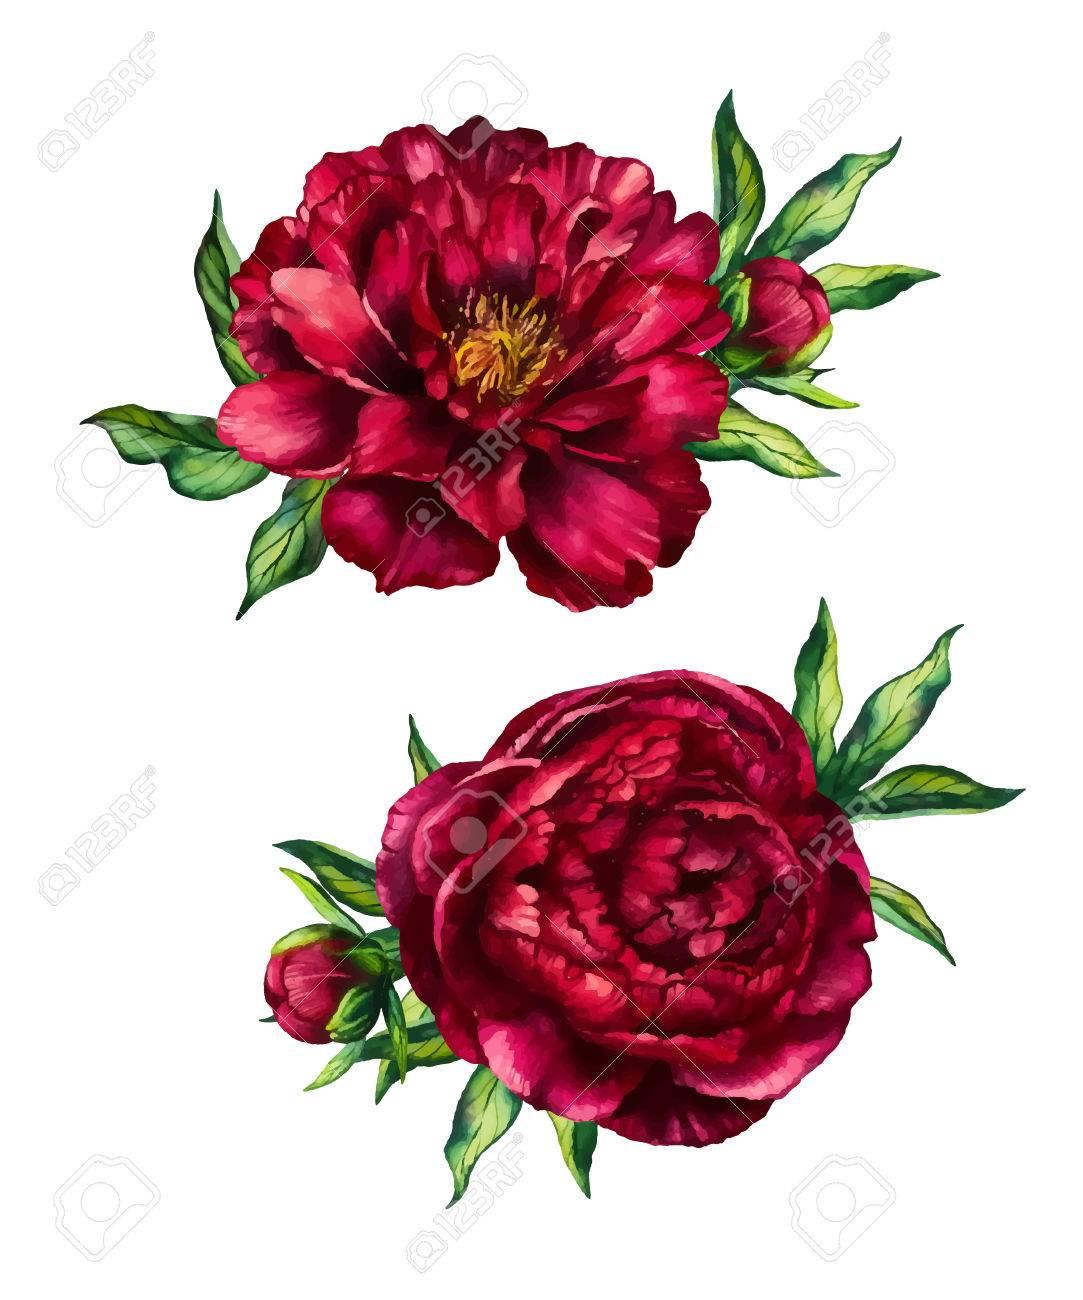 Set Aquarell Roten Pfingstrosen Blumensträuße, Blumenpfingstrose, Aquarell  Rose Mit Auf Weißem Hintergrund Blätter,